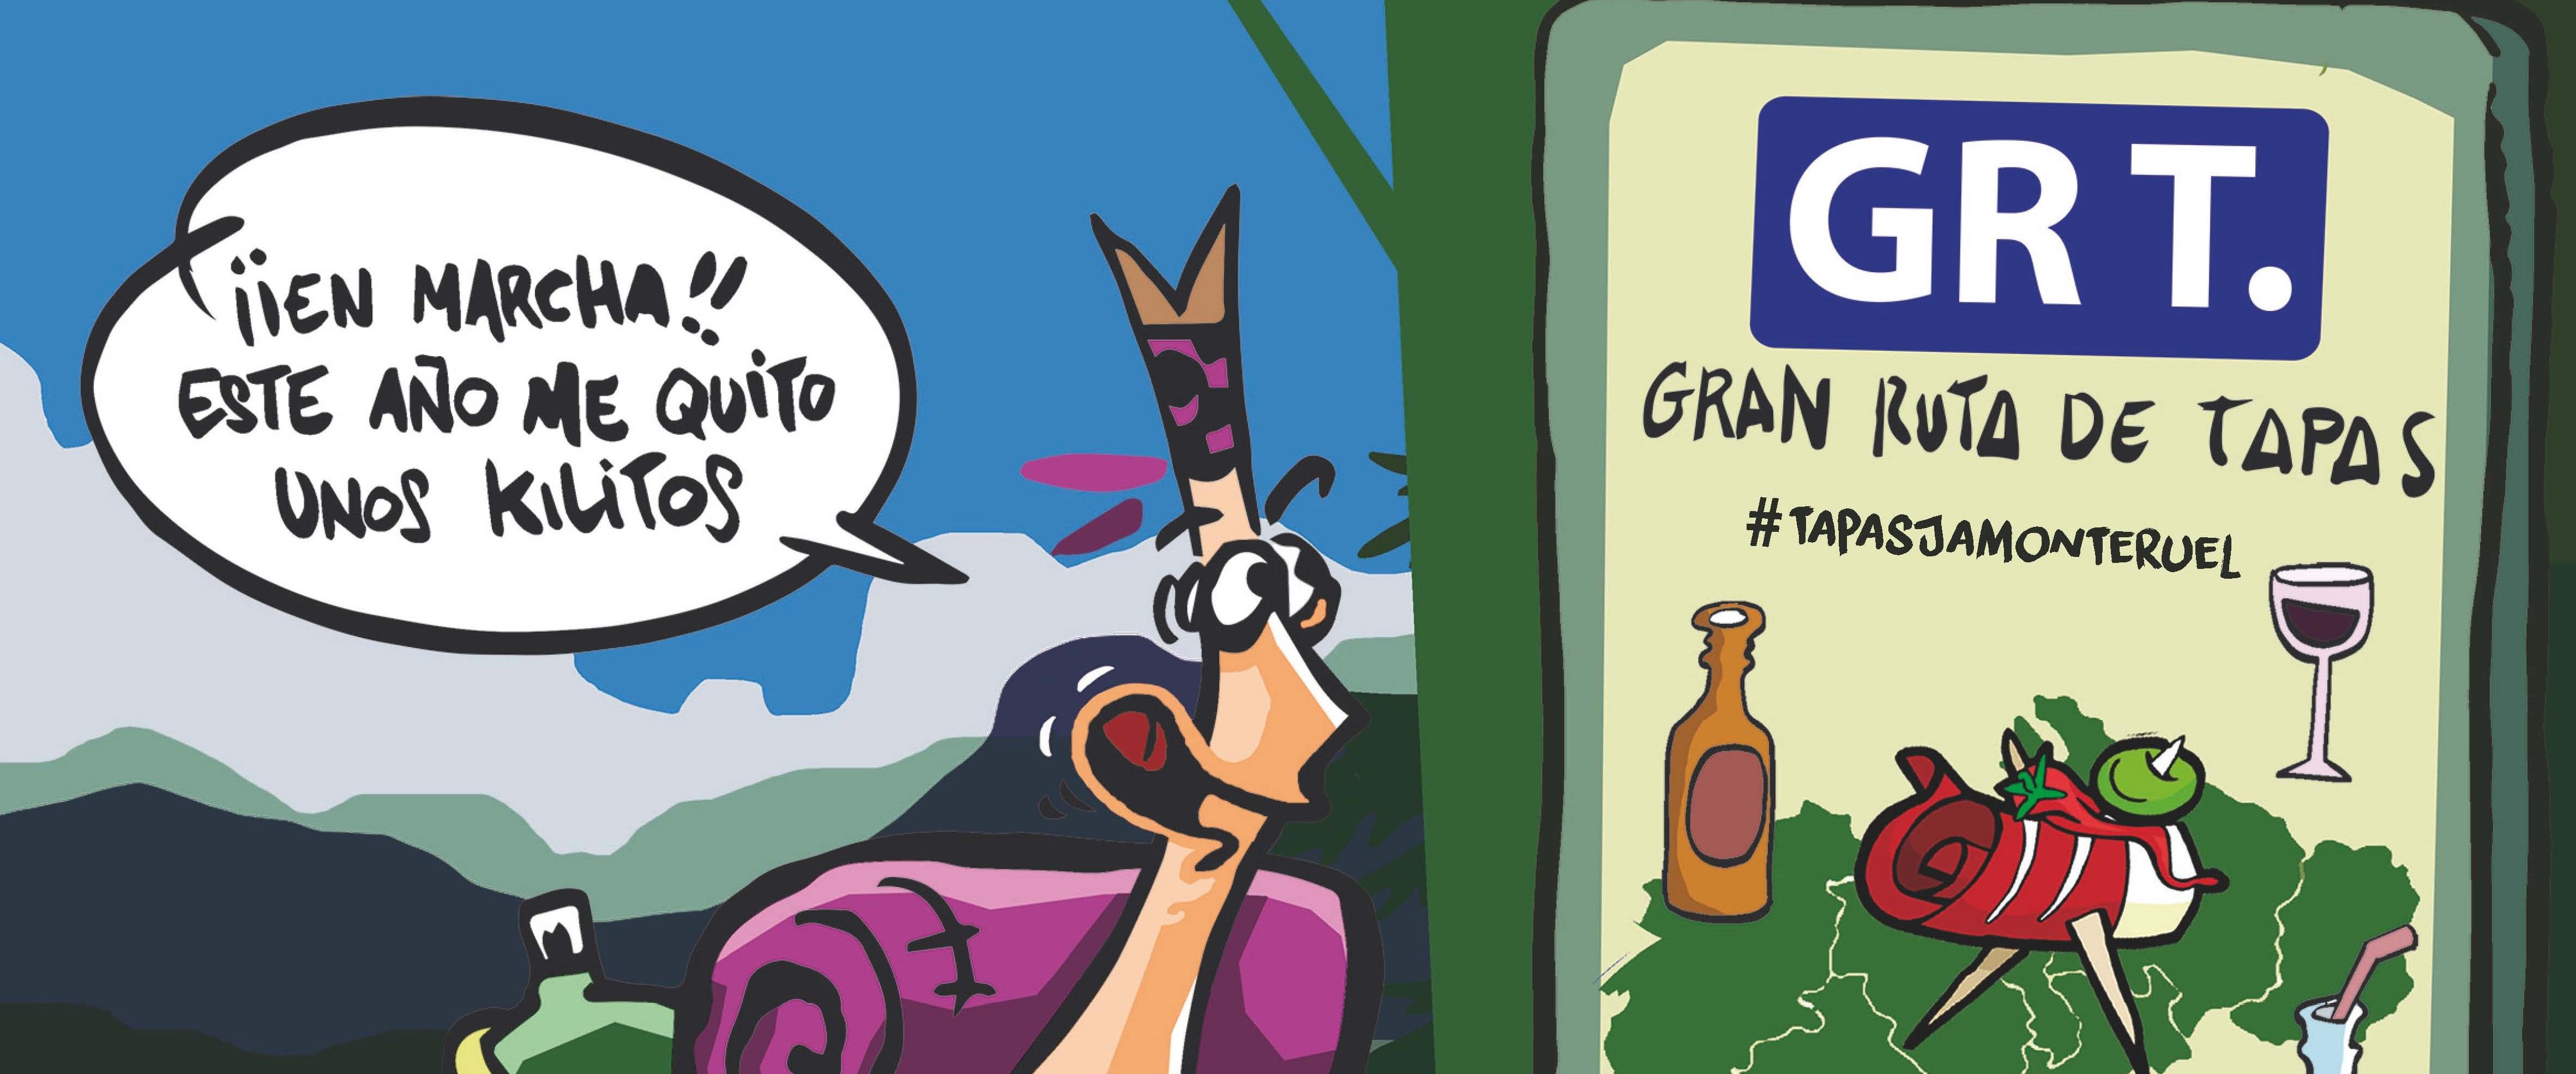 Arranca el XVI Concurso de Tapas Jamon de Teruel